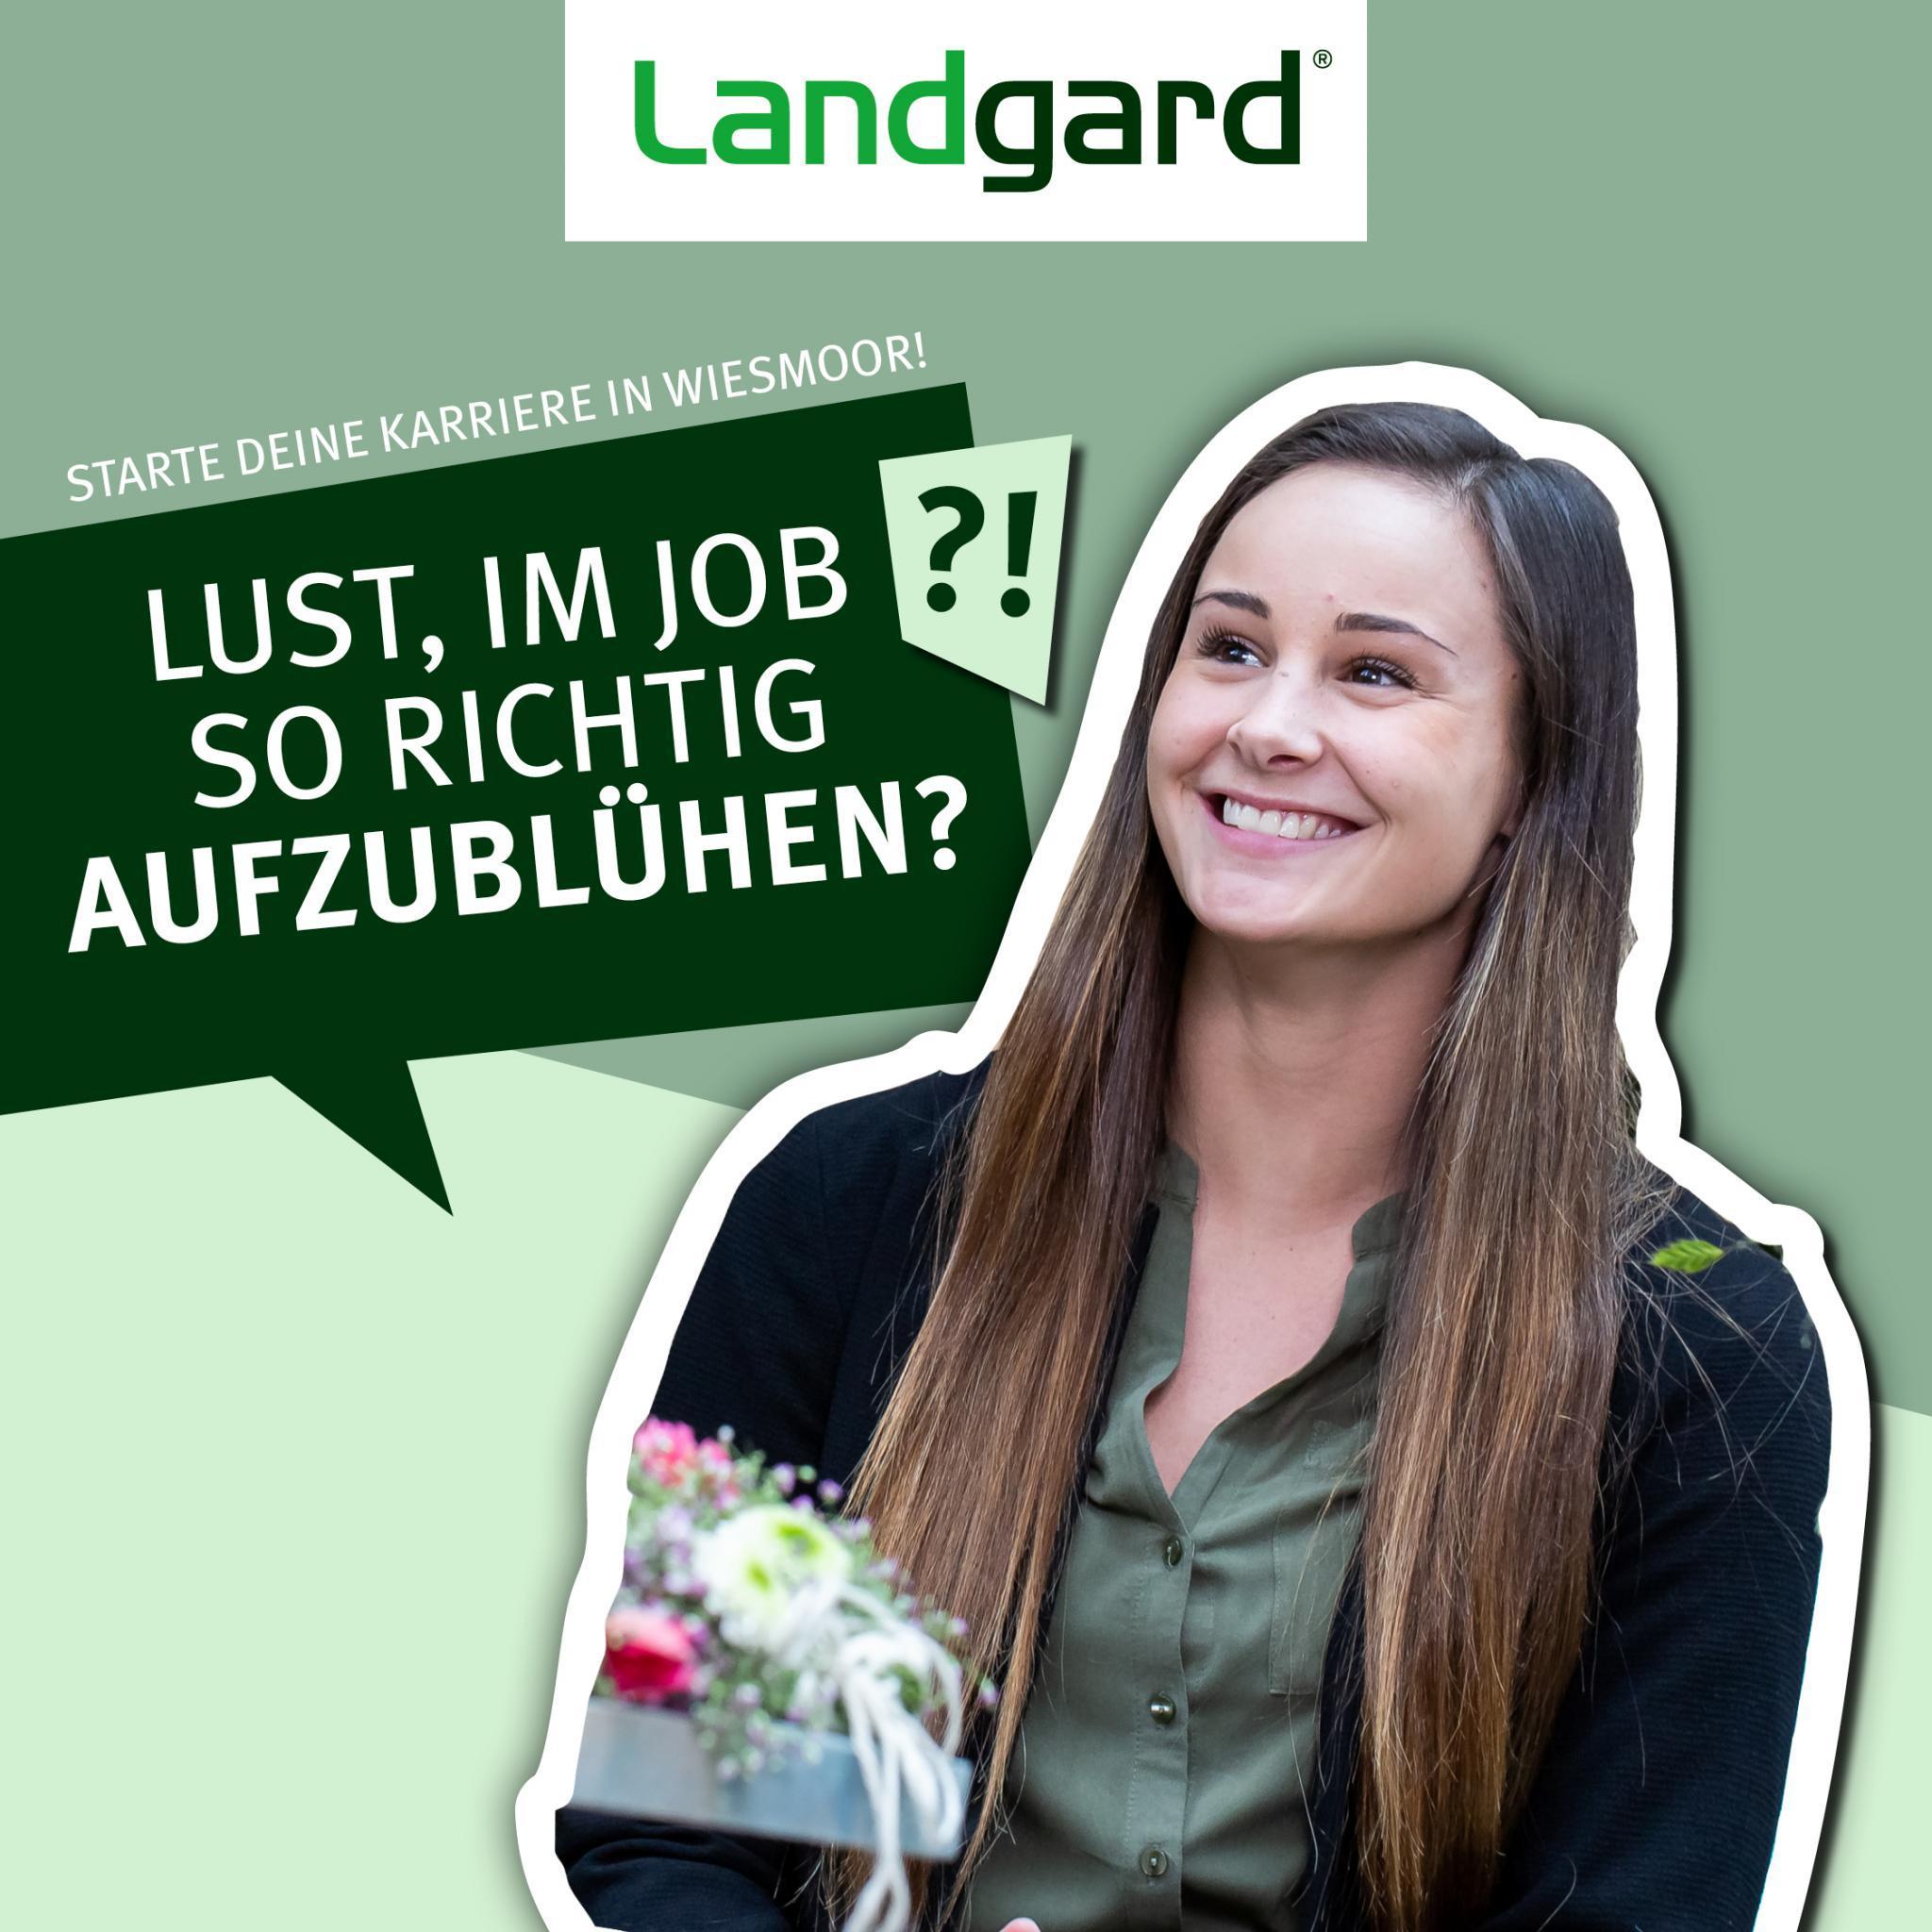 202101_AZ_Azubis-Wiesmoor_Instagram_POST_RZ4.jpg – Landgard - Nordwest-Blumen